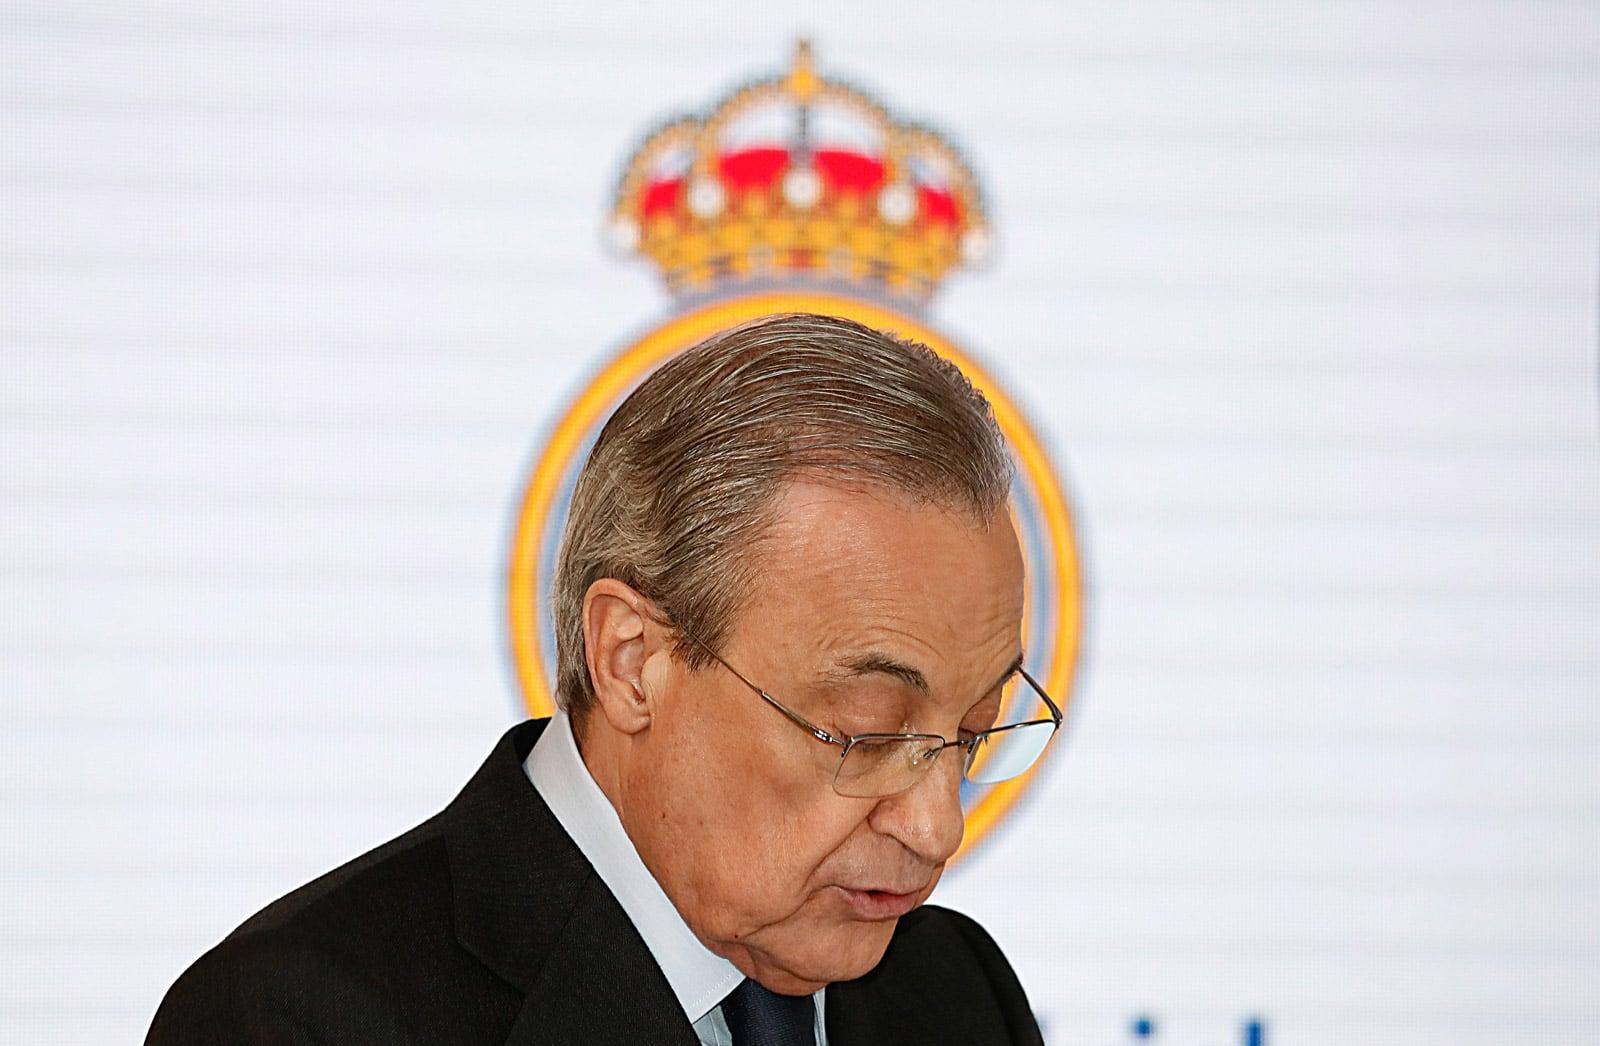 Florentino Pérez en una compareixença a l'estadi Bernabeu, el desembre del 2019. Fotografia de Zuma Wire. Efe.